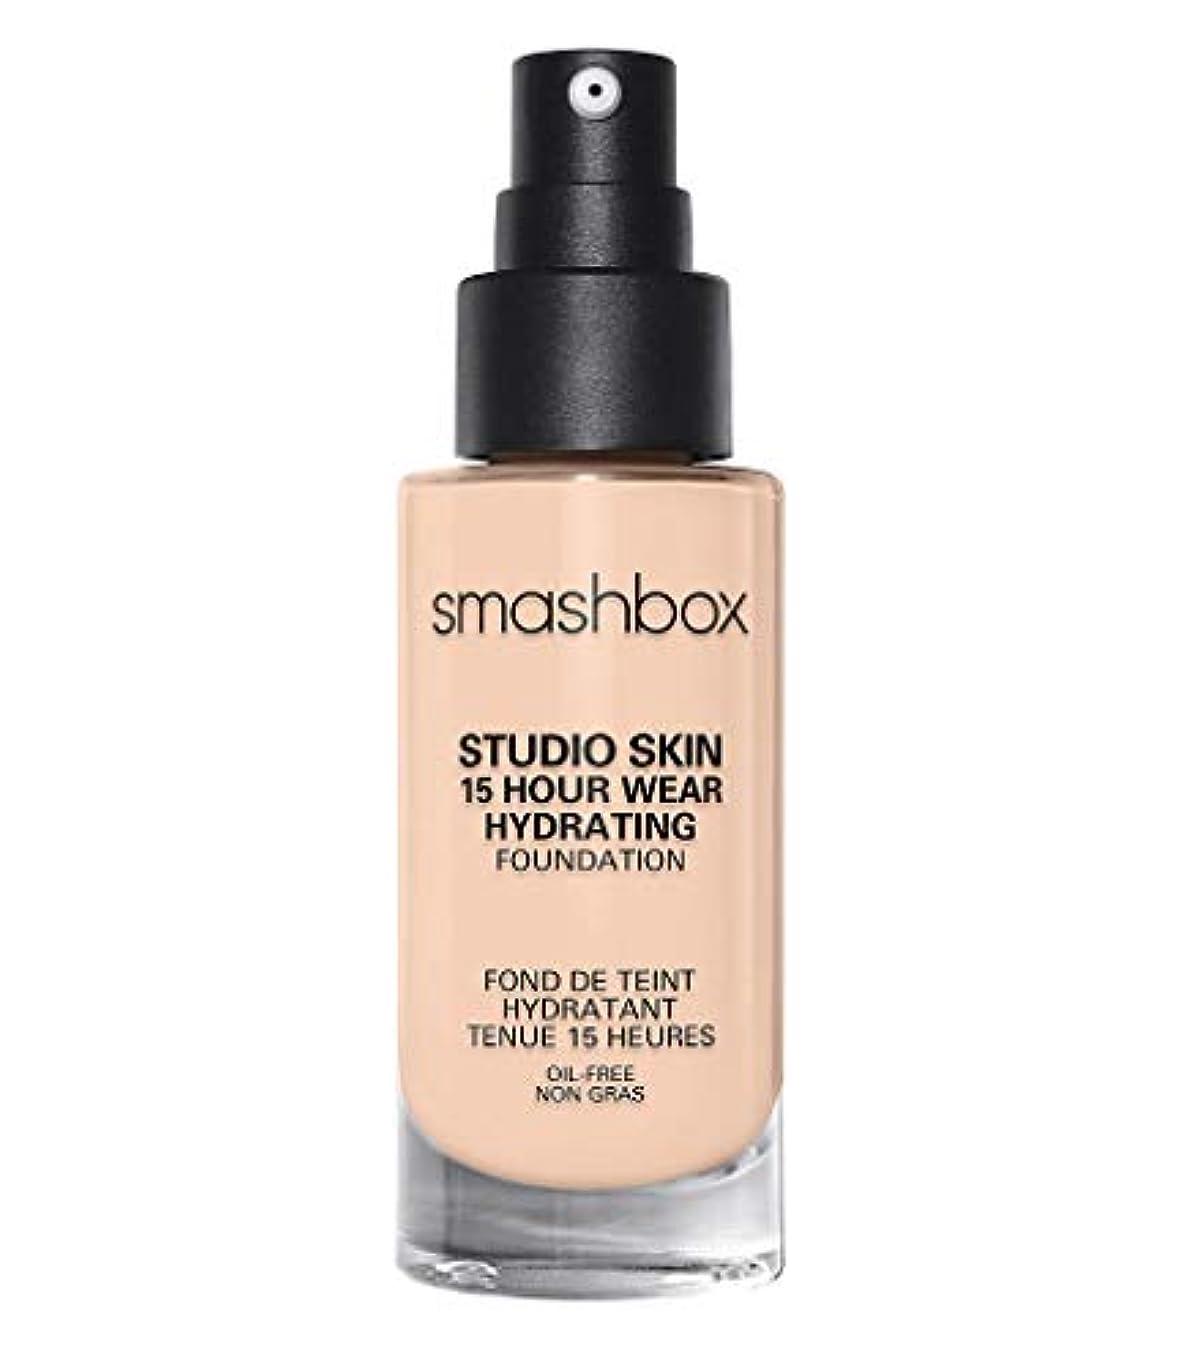 デコレーションバージンうなるスマッシュボックス Studio Skin 15 Hour Wear Hydrating Foundation - # 0.3 Fair With Neutral Undertone 30ml/1oz並行輸入品